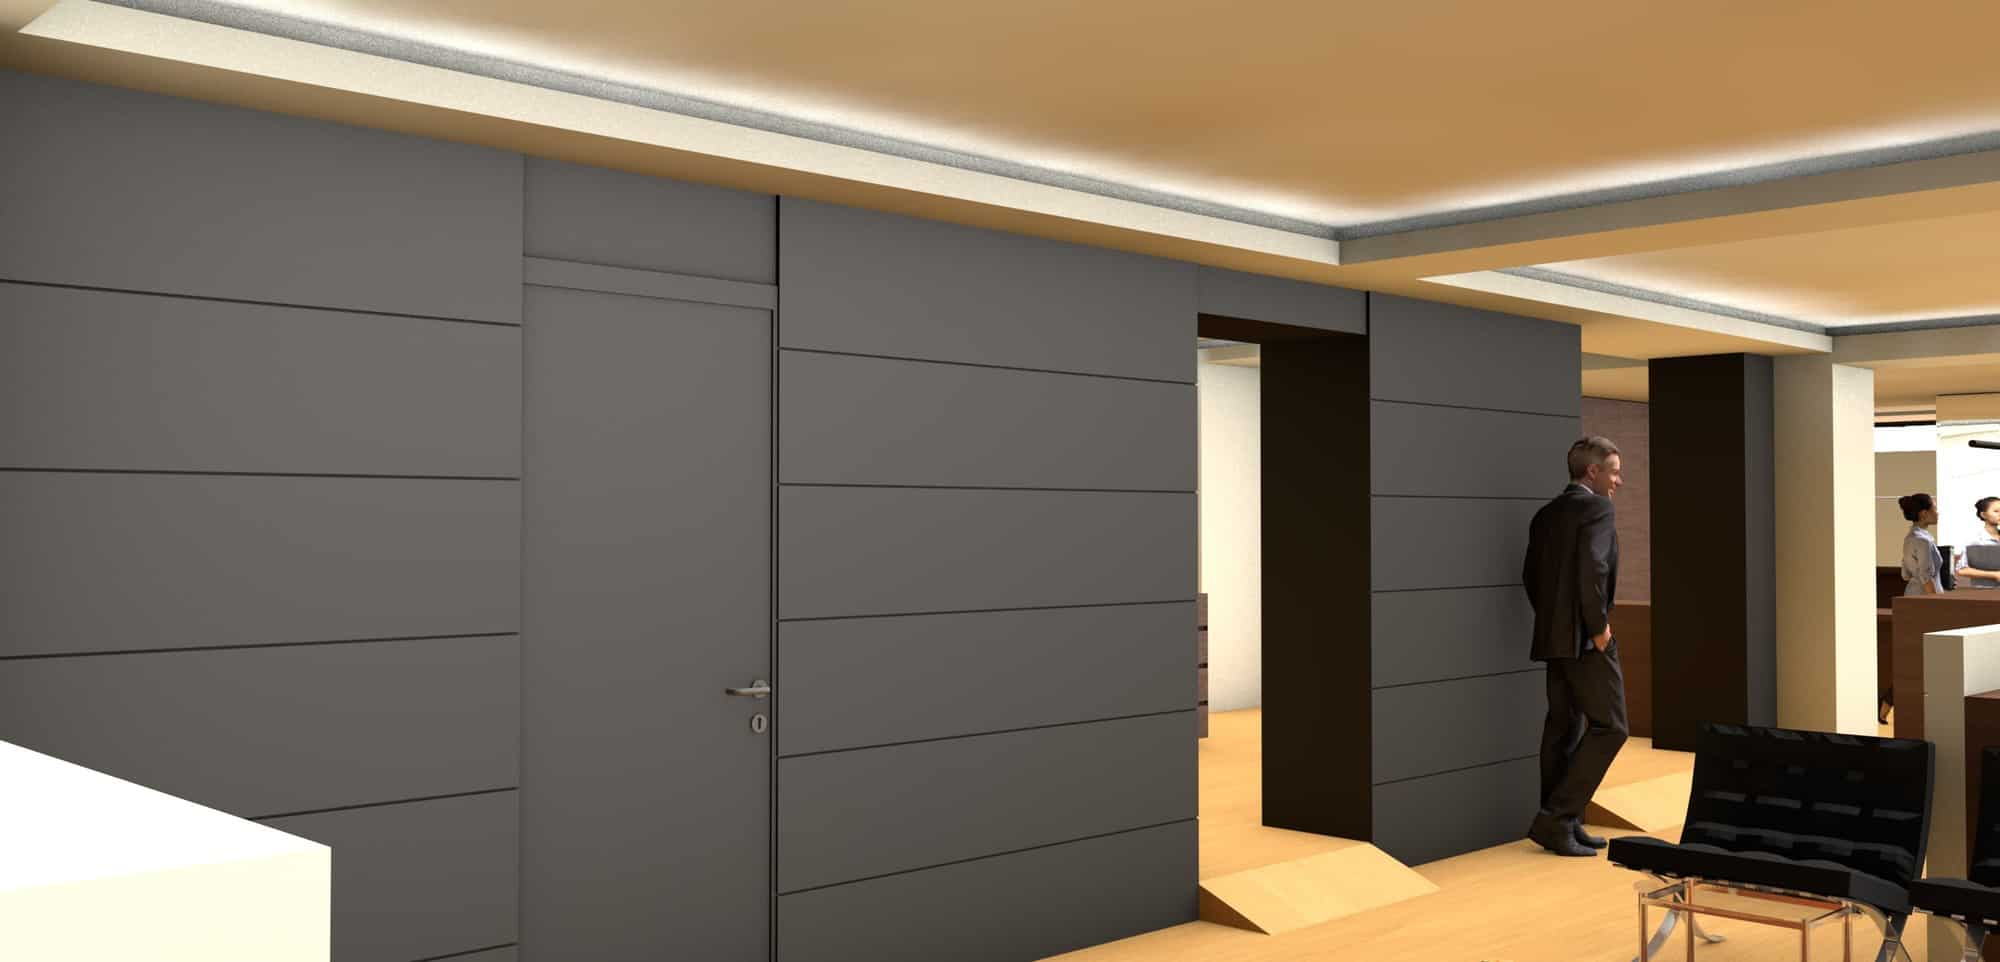 Detail afbeelding 9 van Elegance Lingerie Genk | Ontwerp door architect Patrick Strackx